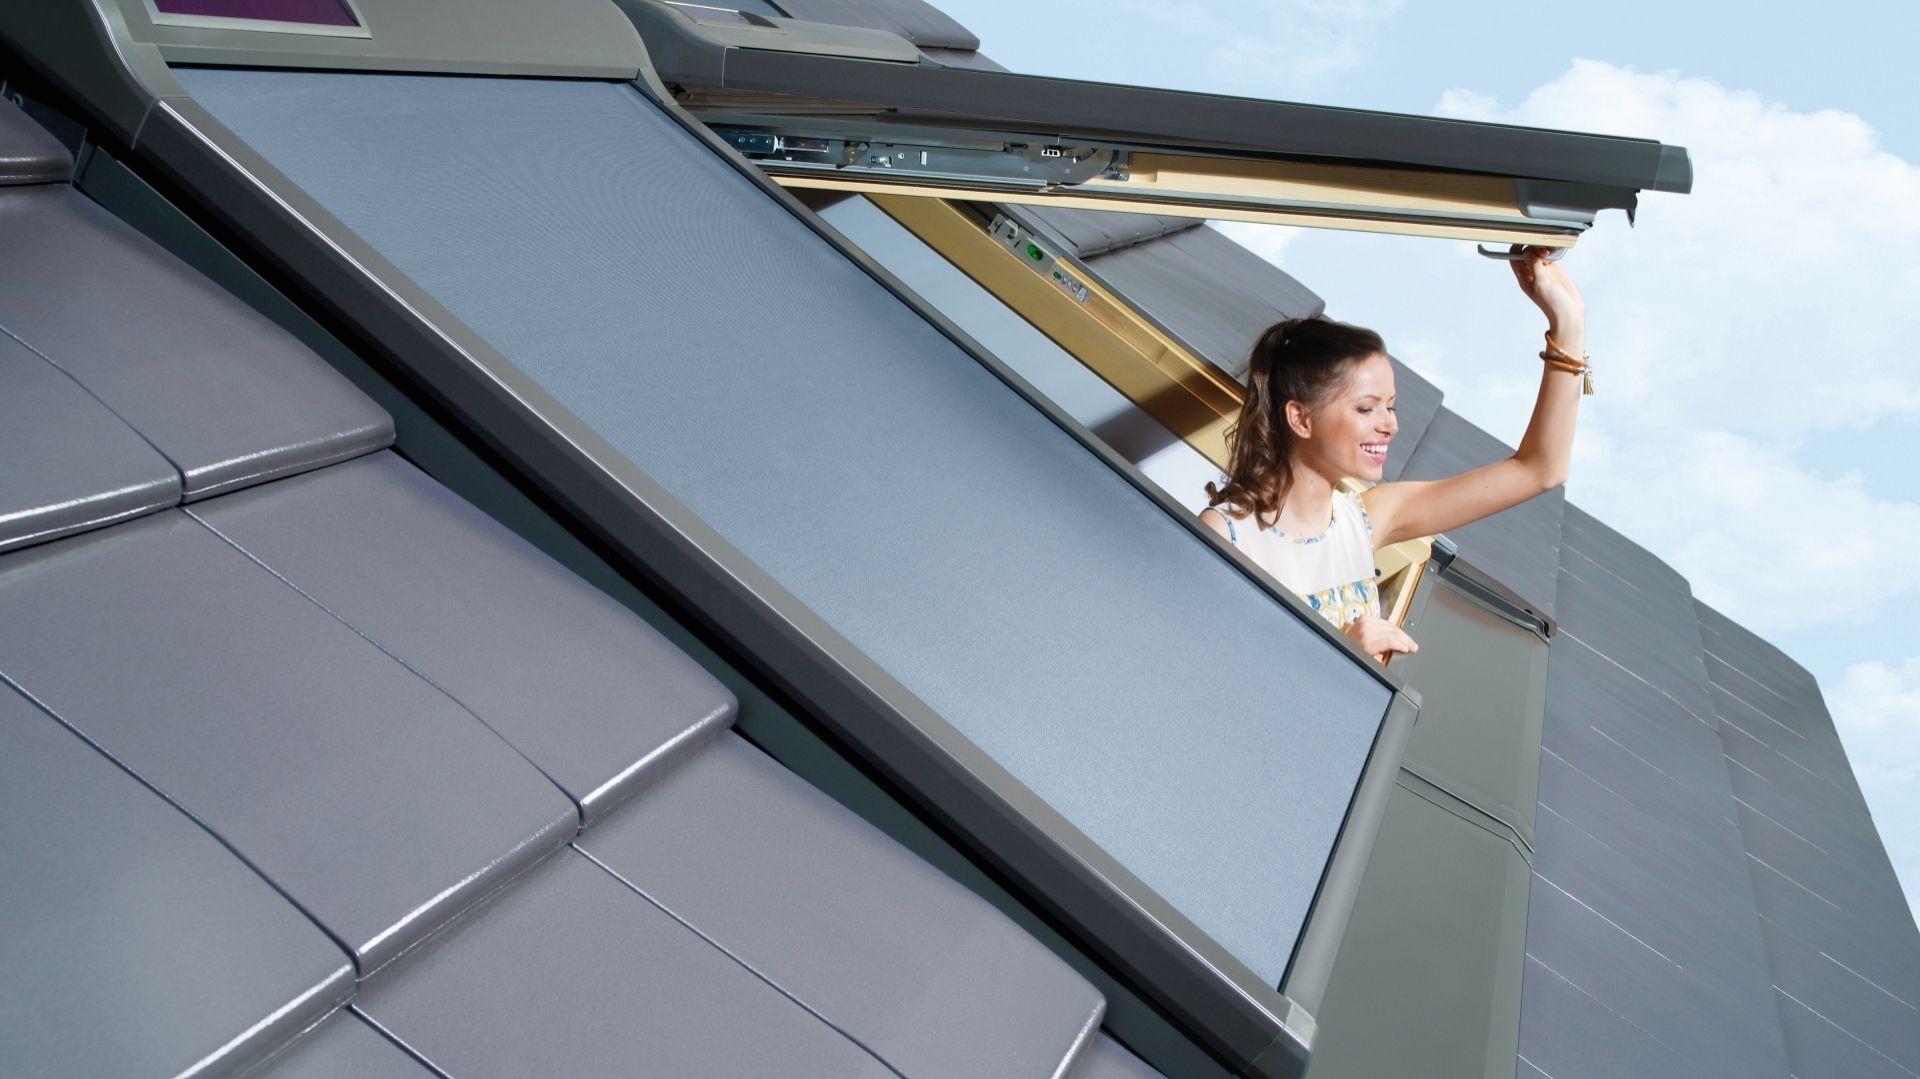 Markiza AMZ Solar/FAKRO. Produkt zgłoszony do konkursu Dobry Design 2019.